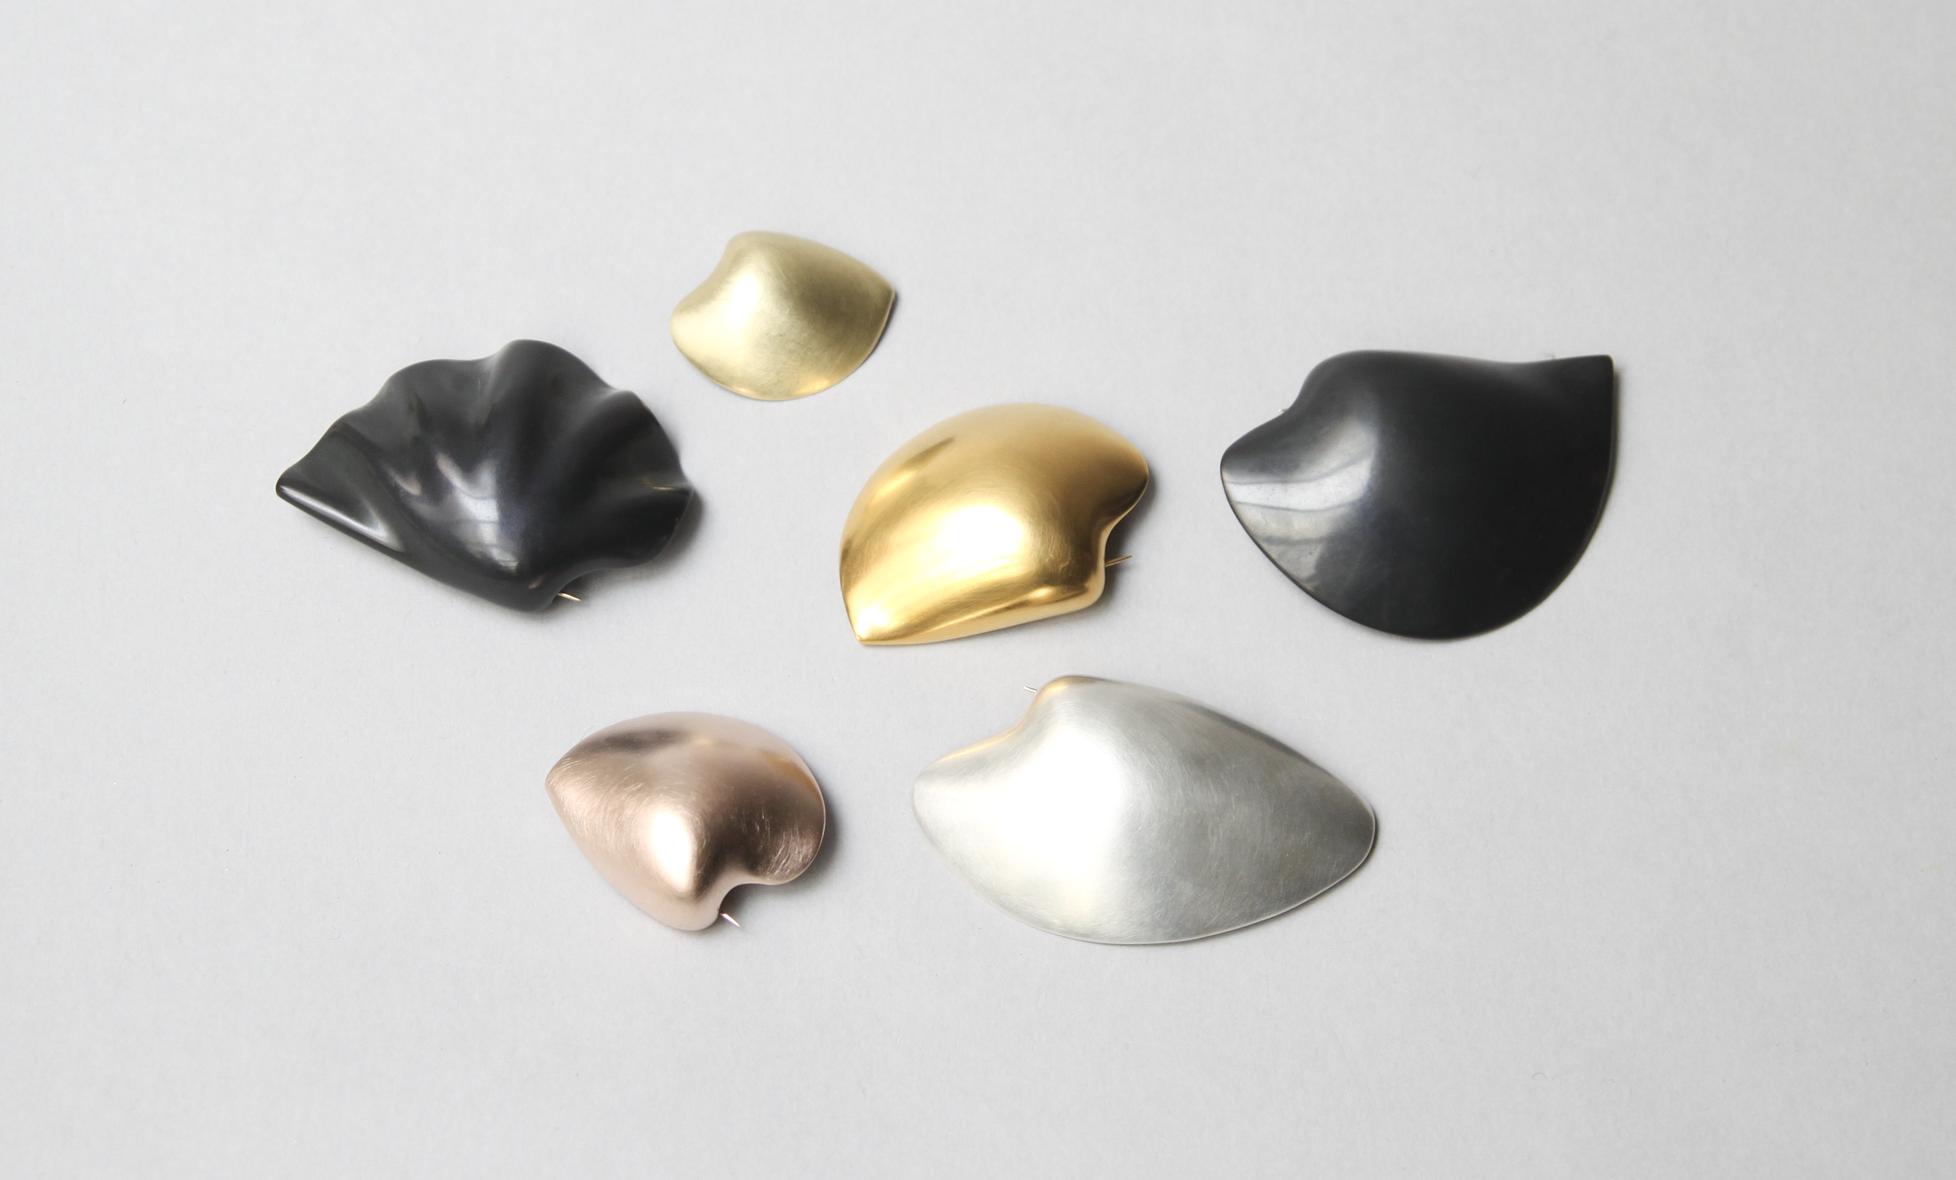 Shell Pins